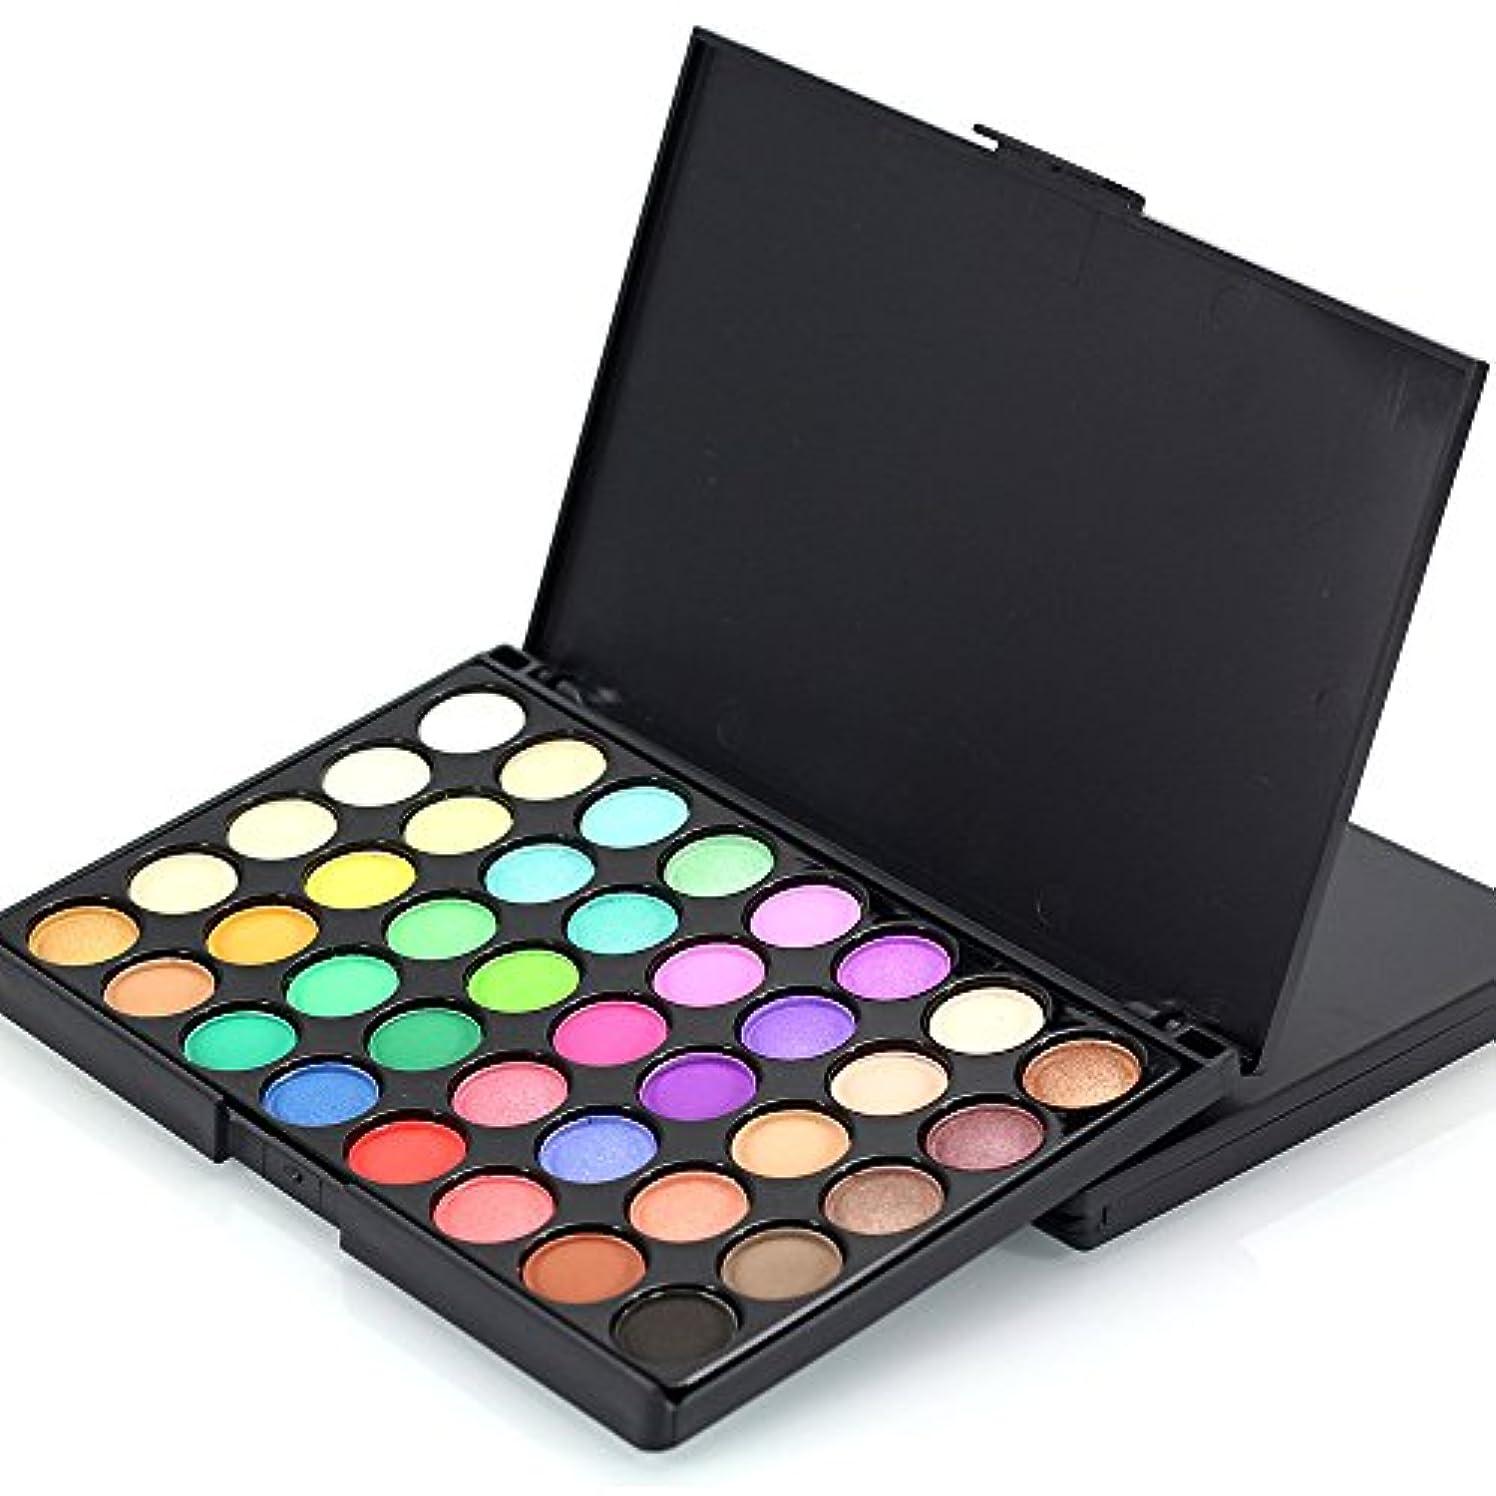 クレデンシャル分析する可塑性40色化粧品パウダーアイシャドーパレットメイクアップセットマットB利用可能